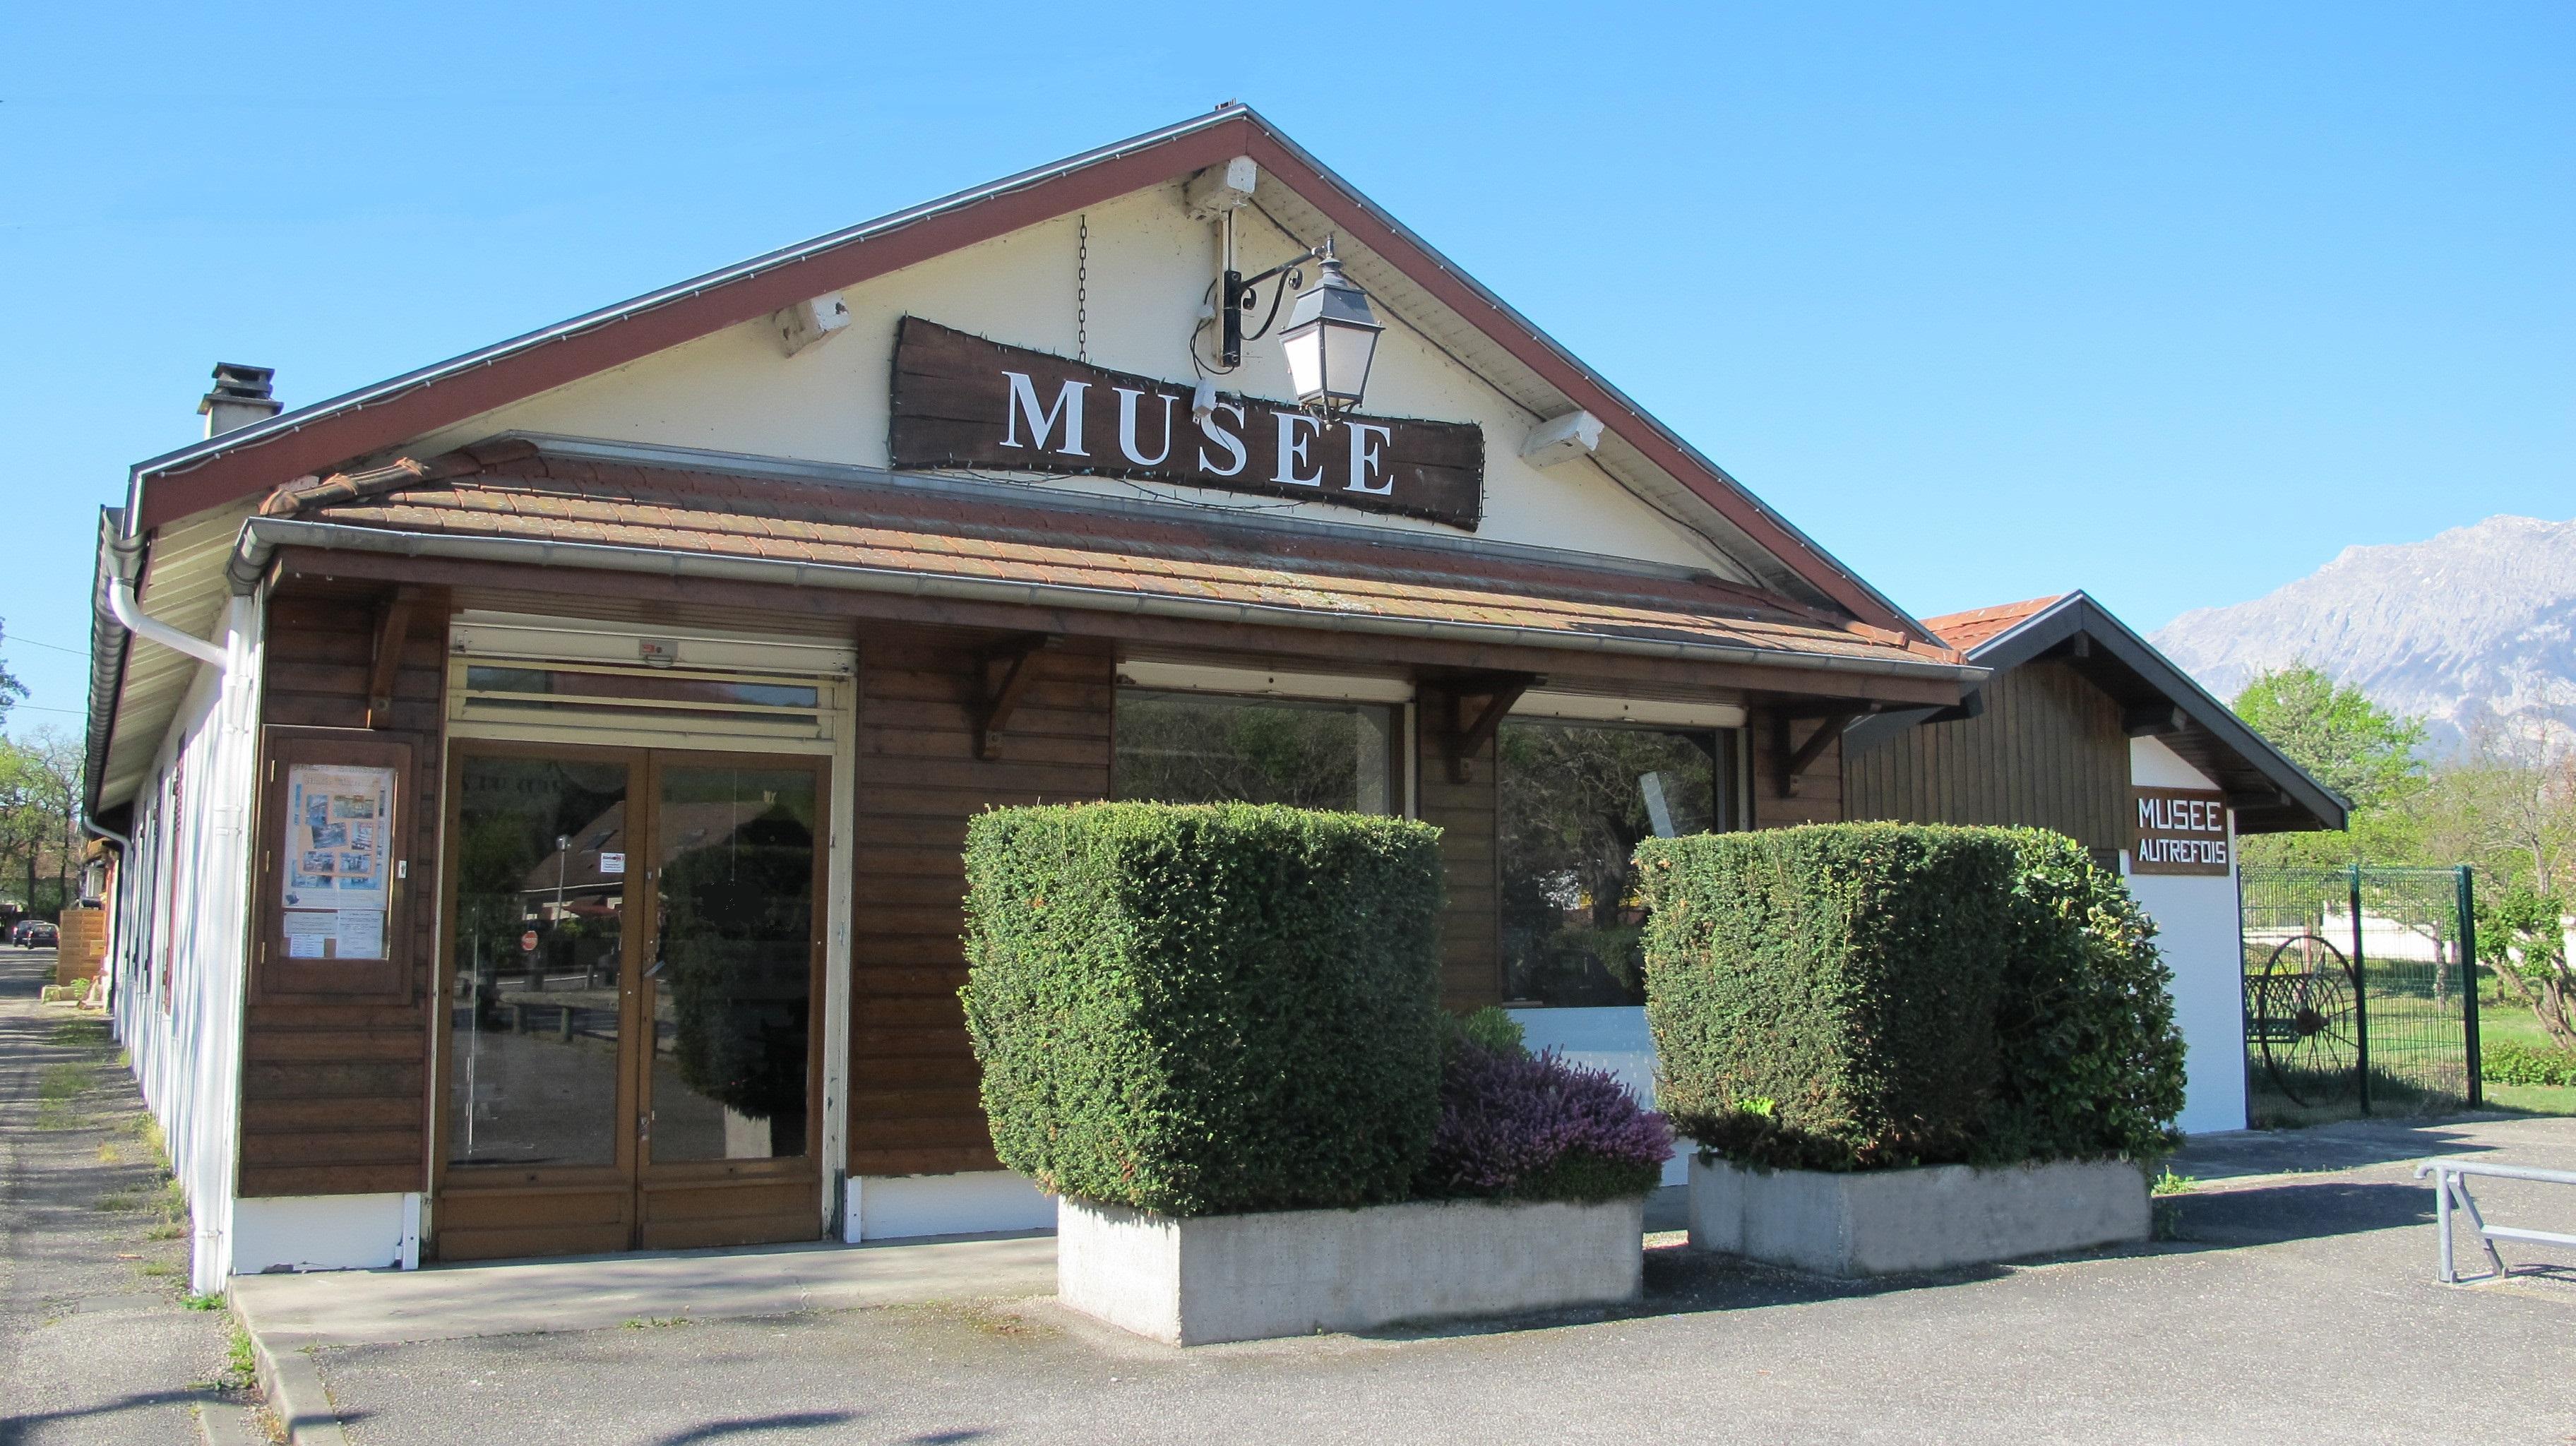 Musée Autrefois